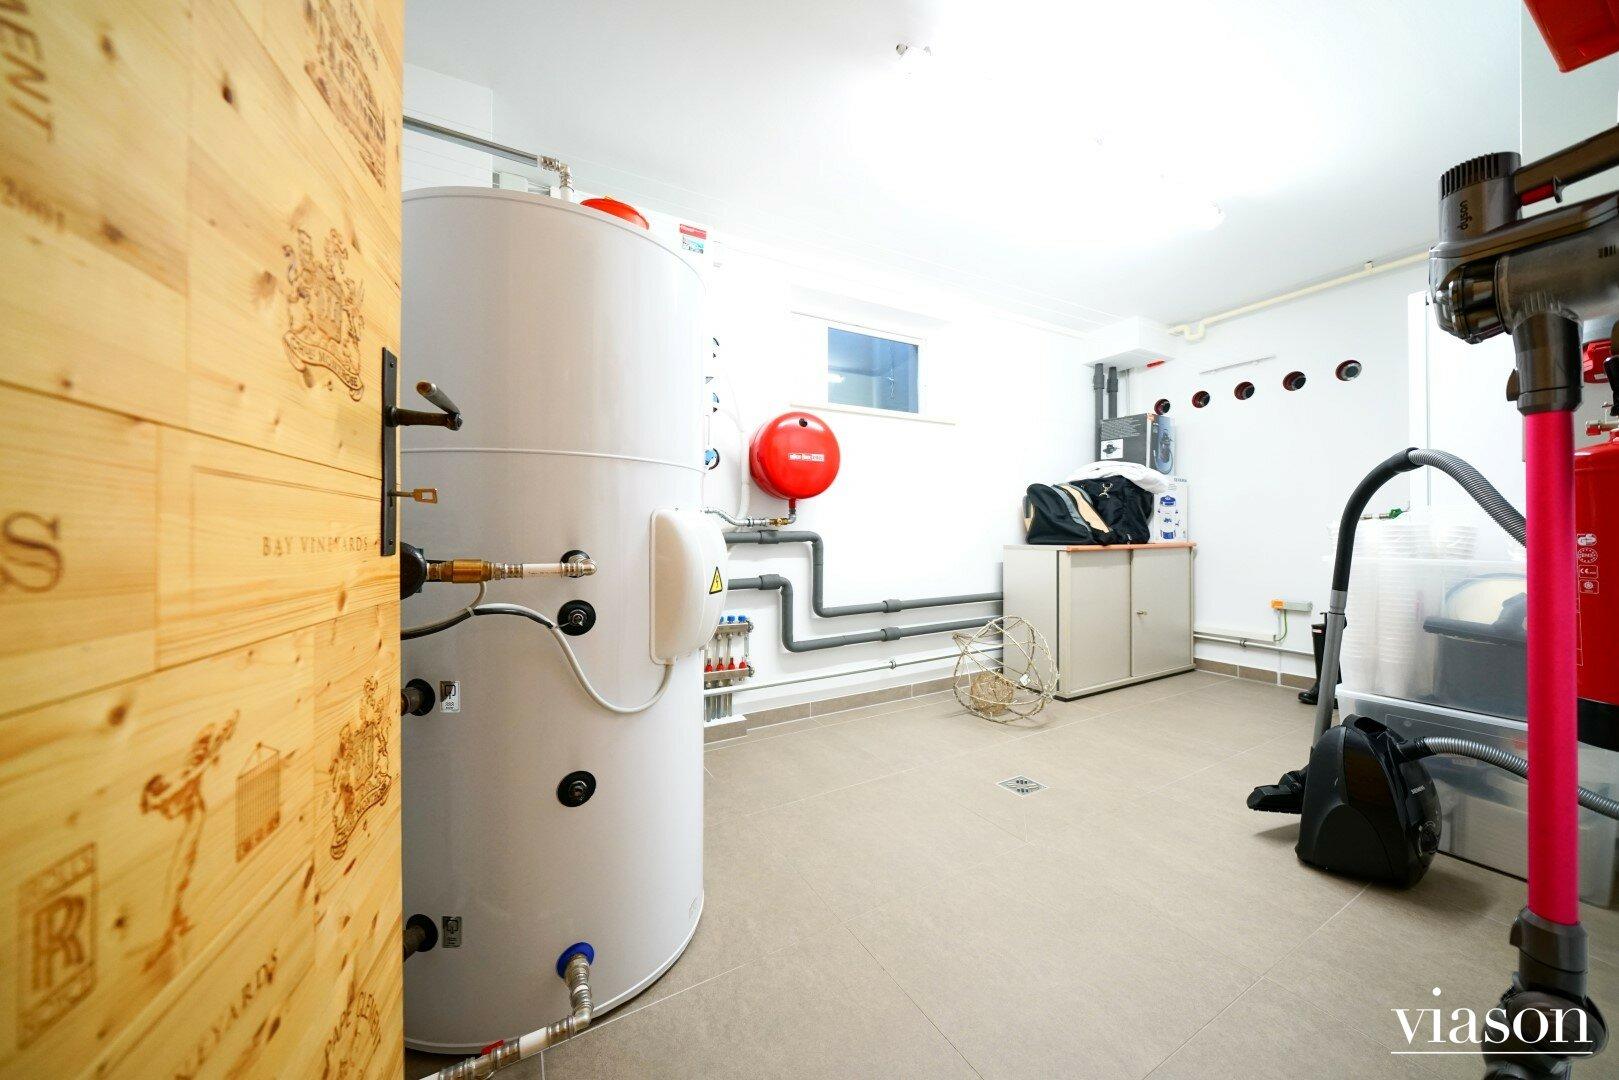 Warmwasserspeicher, Luftwärmepumpe, Hauptwasseranschluss, Elektra Bregenz Gefrierschrank